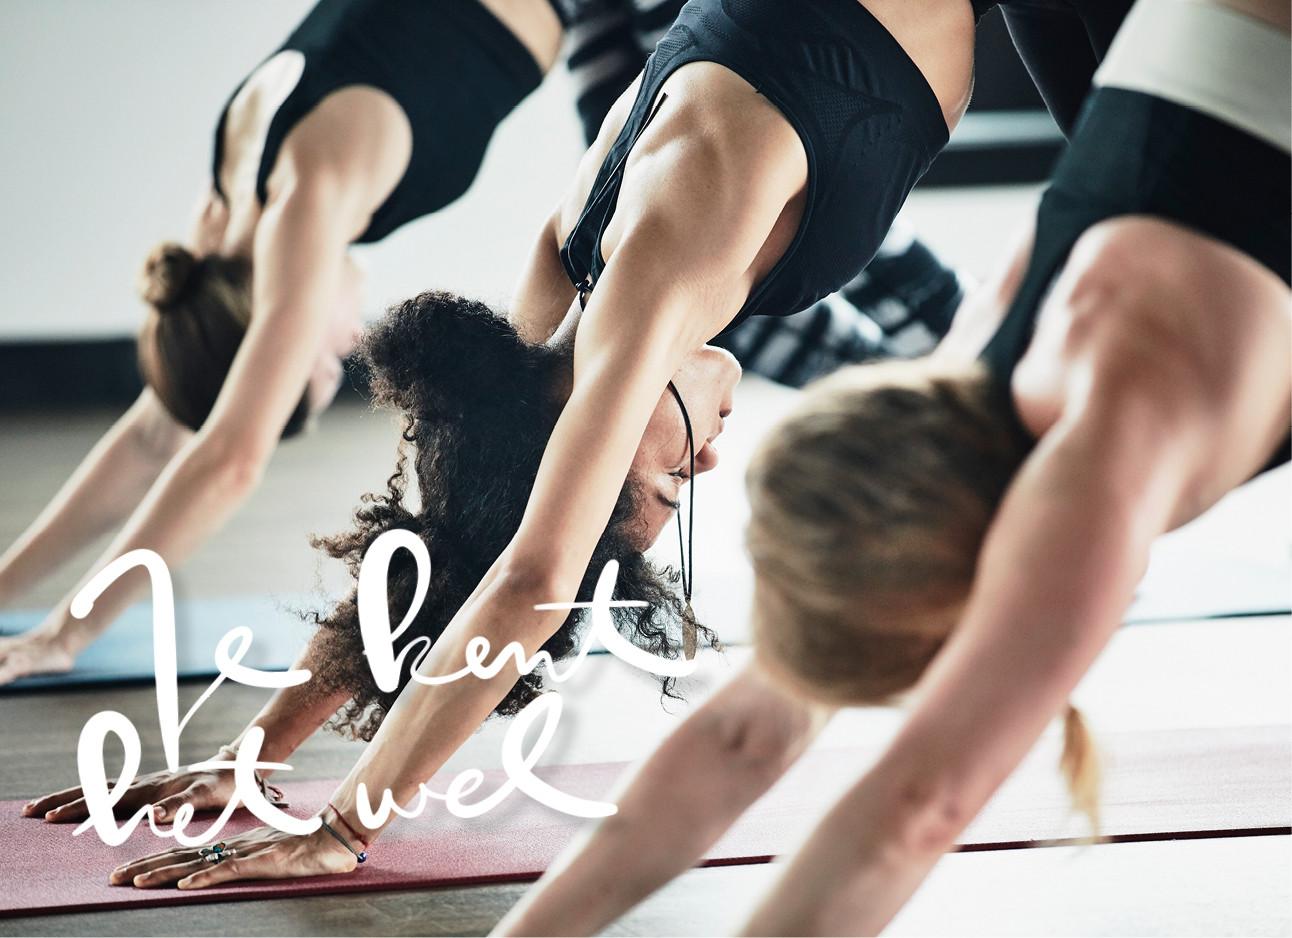 vrouwen in yoga houding tijdens een les